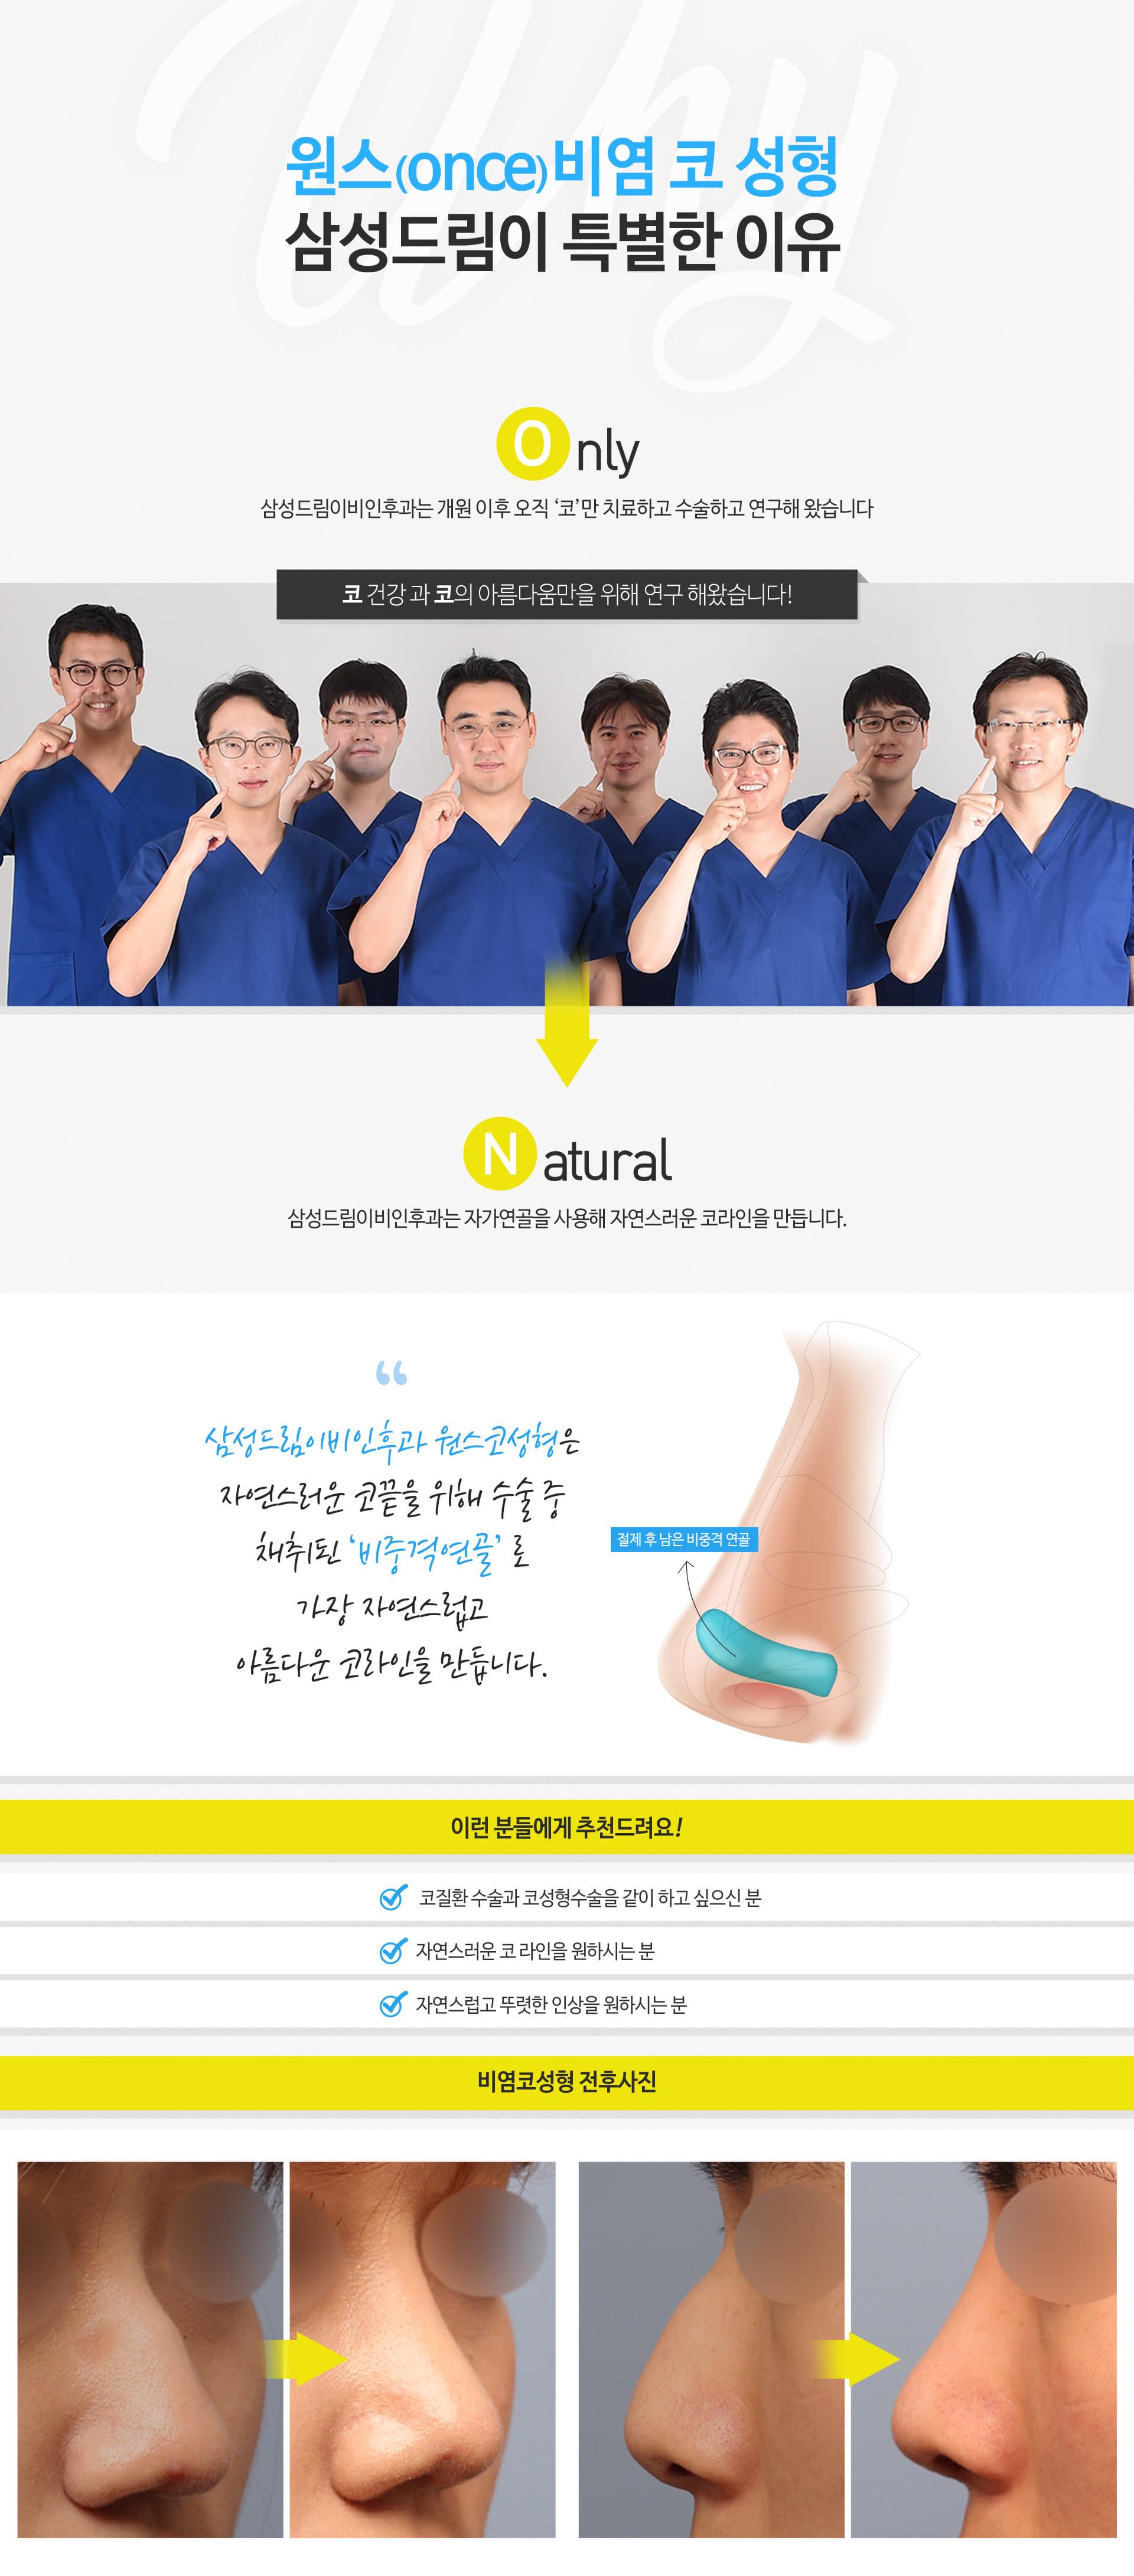 원스(ONCE)비염 코 성형 삼성드림이 특별한 이유 ONLY 삼성드림이비인후과는 개원 이후 오직 '코'만 치료하고 수술하고 연구해 왔습니다 코 건강과 코의 아름다움만을 위해 연구 해왔습니다! 환자분의 높은 만족도와 함께 현재까지 '100,000례 이상'의 코 수술을 진행해왔습니다 NATURAL 삼성드림이비인후과는 자가연골을 사용해 자연스러운 코라인을 만듭니다. 삼성드림이비인후과 원스코성형은 자연스러운 코끝을 위해 수술 중 채취된 '비중격연골'로 가장 자연스럽고 아름다운 코라인을 만듭니다. 절제 후 남은 비중격 연골 이런 분들에게 추천드려요! 코질환 수술과 코성형수술을 같이 하고 싶으신 분, 자연스러운 코 라인을 원하시는 분, 자연스럽고 뚜렷한 인상을 원하시는 분 비염코성형 전후사진